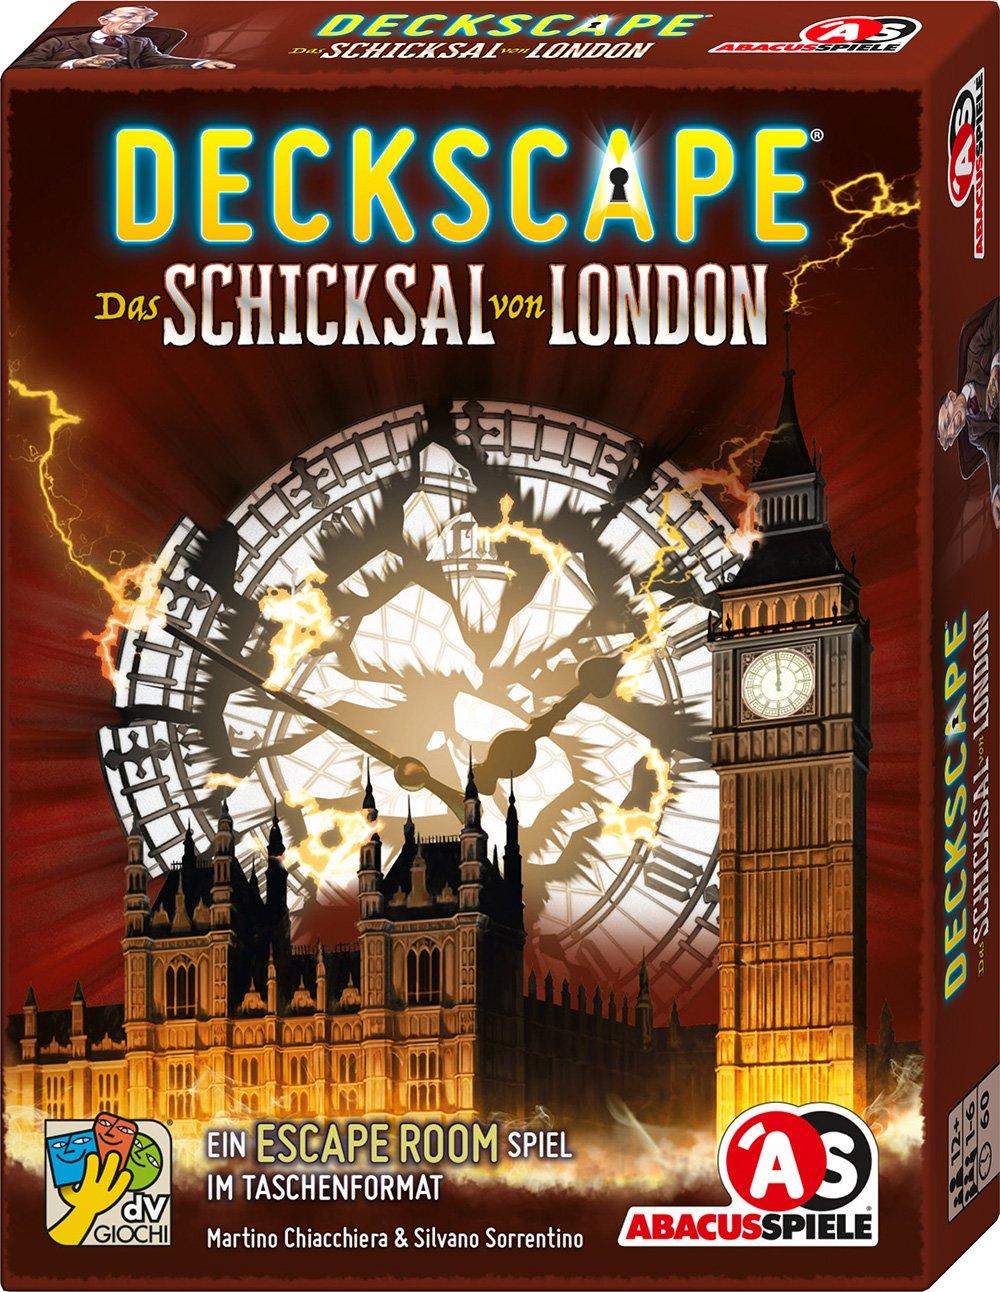 Abacus Spiele ABACUSSPIELE ABA38173 Deckscape Das Schicksal Von London Board Game